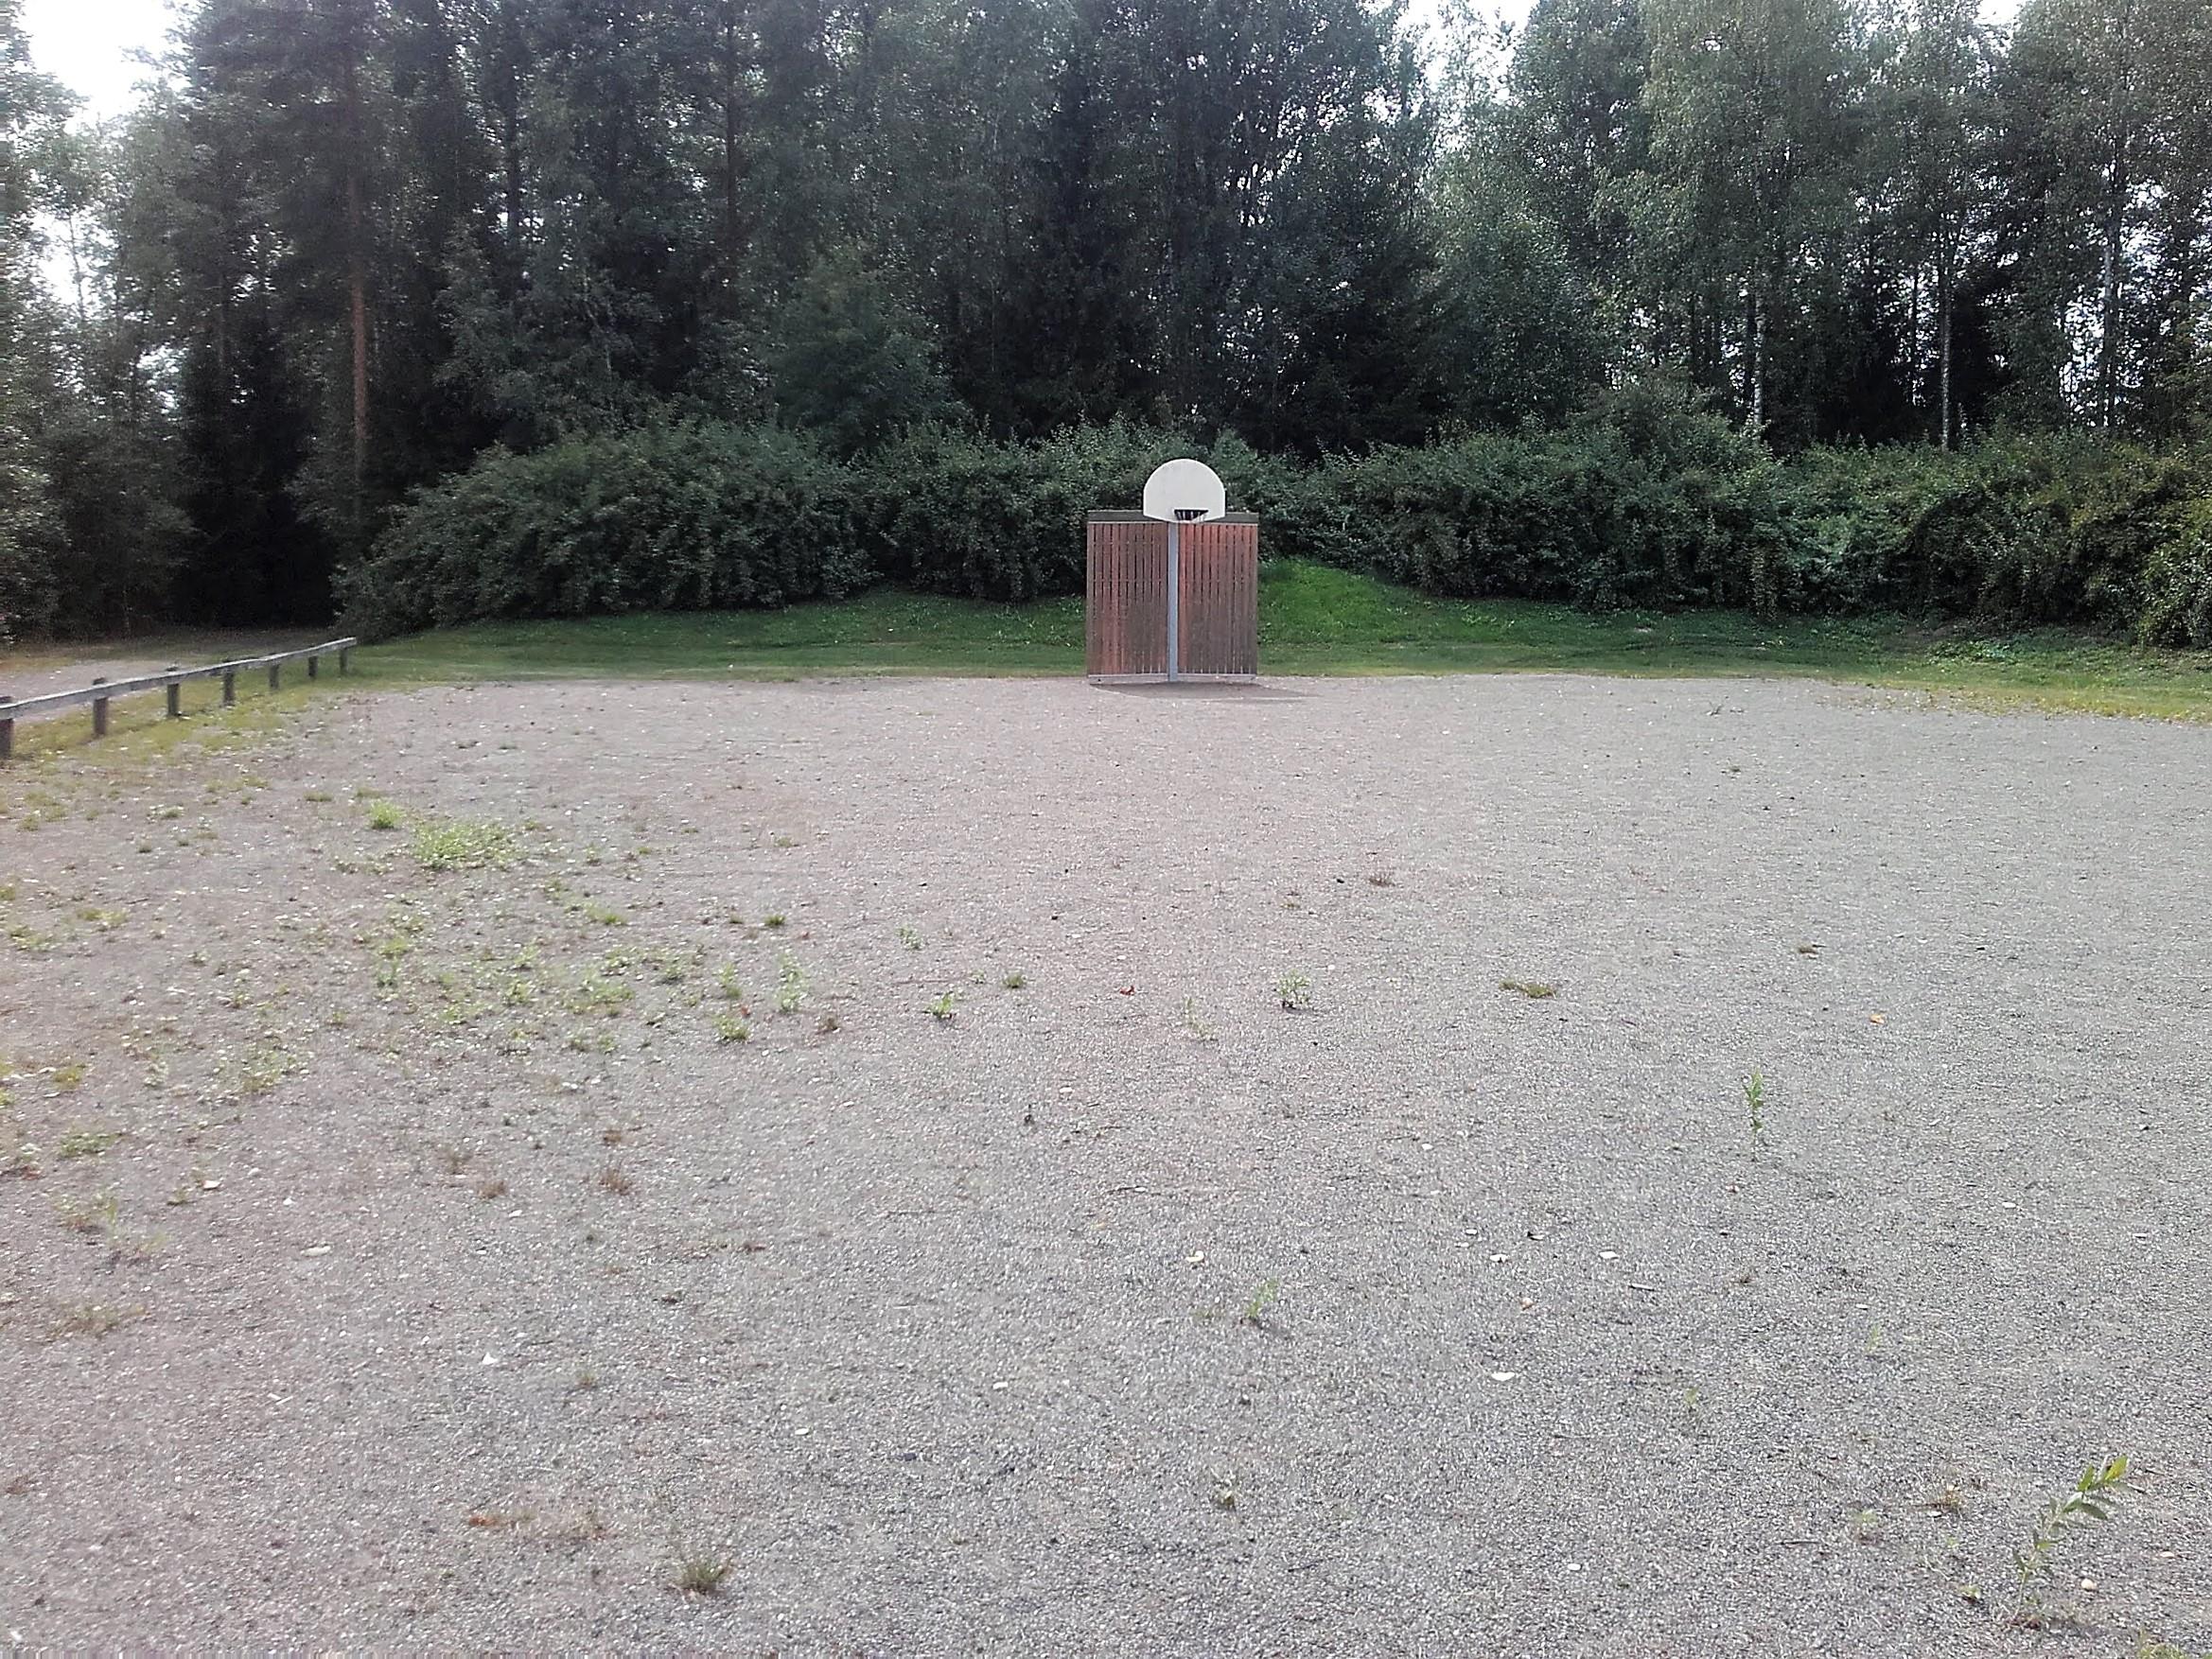 Hiekkakenttä jonka takana kasvaa mestää. Hiekkakentällä koripalloteline sekä pieni maaliseinä.